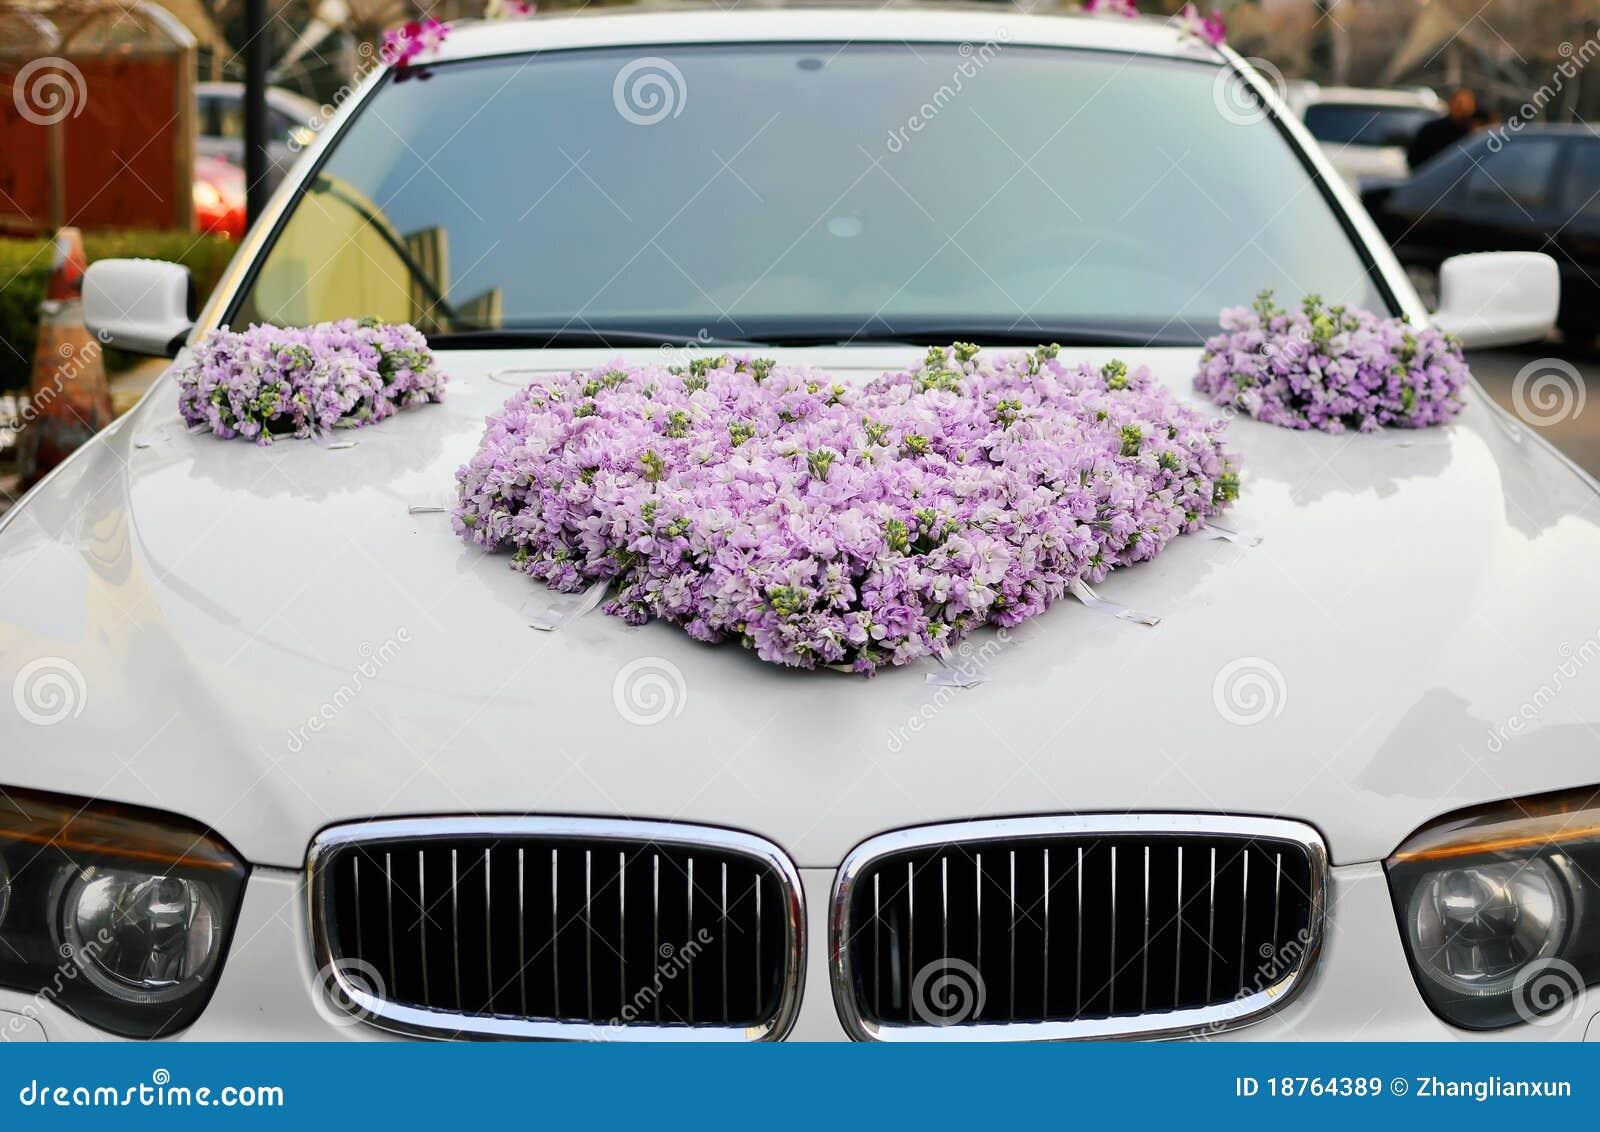 Hochzeits Auto Blumen Stockbild Bild Von Dekorationen 18764389